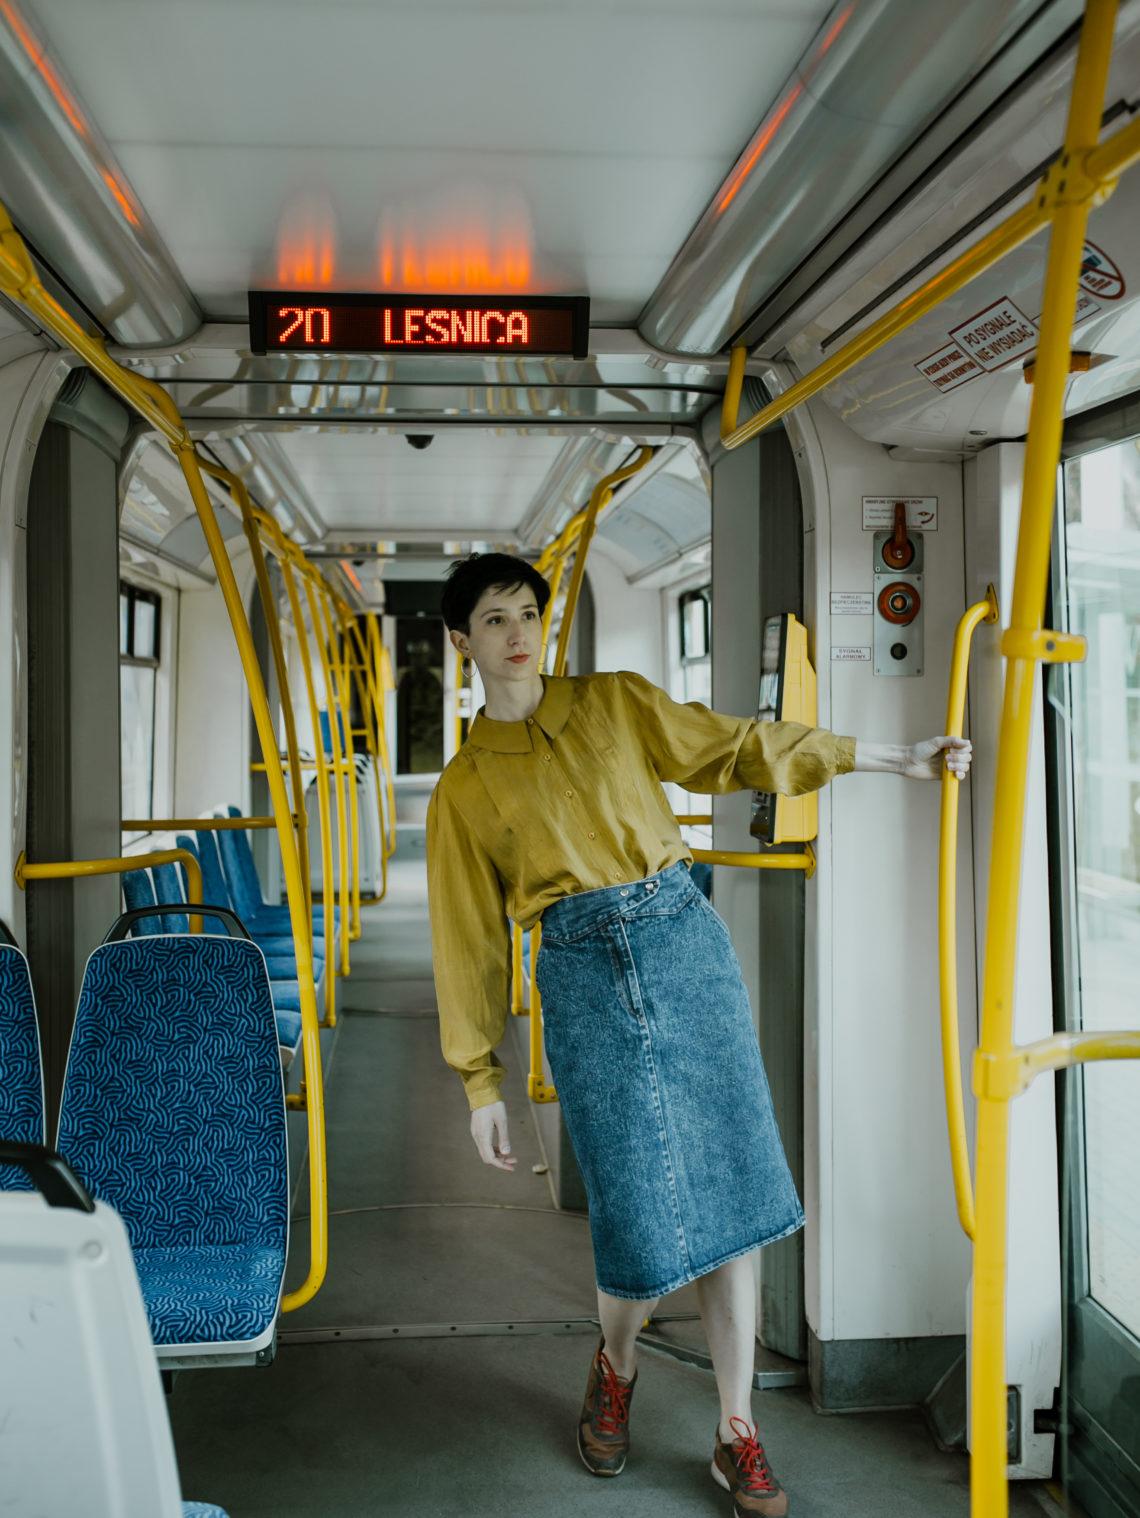 sesja fotograficzna w tramwaju